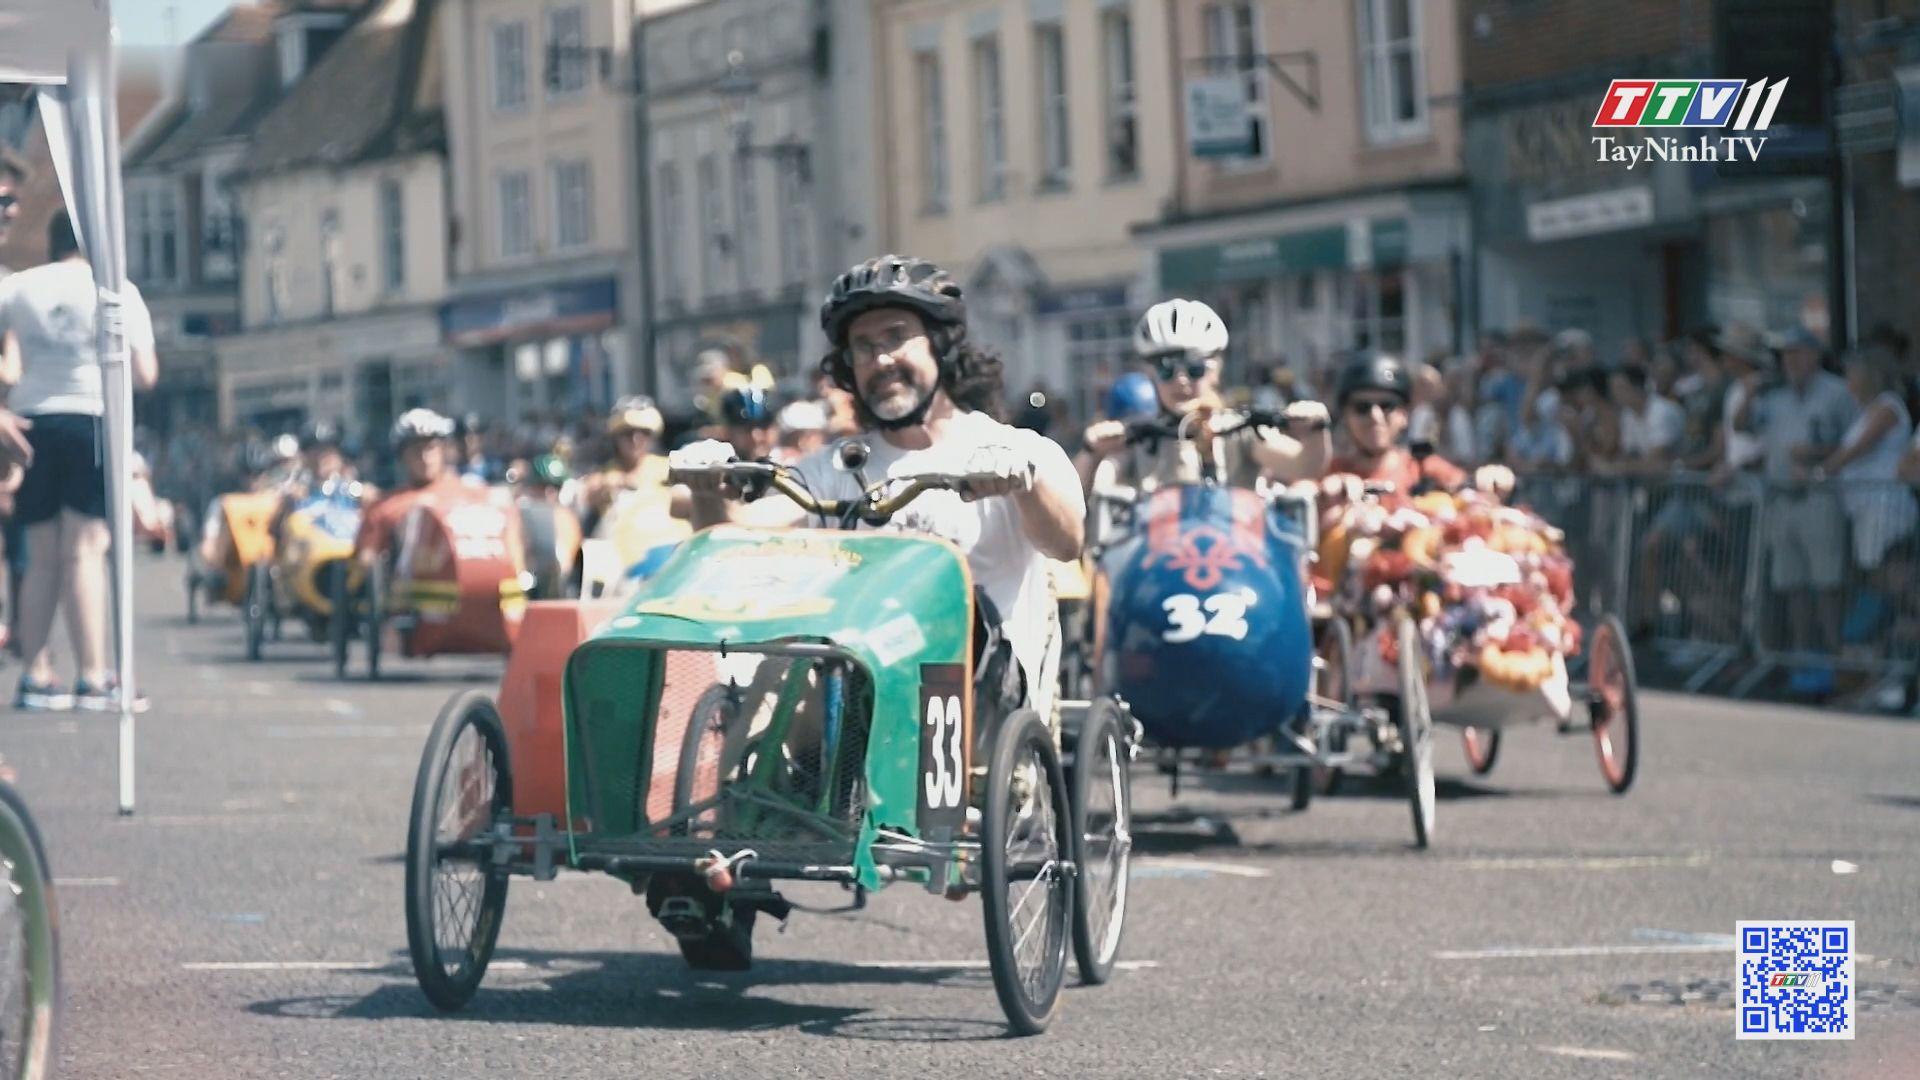 Giải đua xe đạp chân ngộ nghĩnh ở Anh | CHUYỆN ĐÔNG TÂY KỲ THÚ | TayNinhTVE